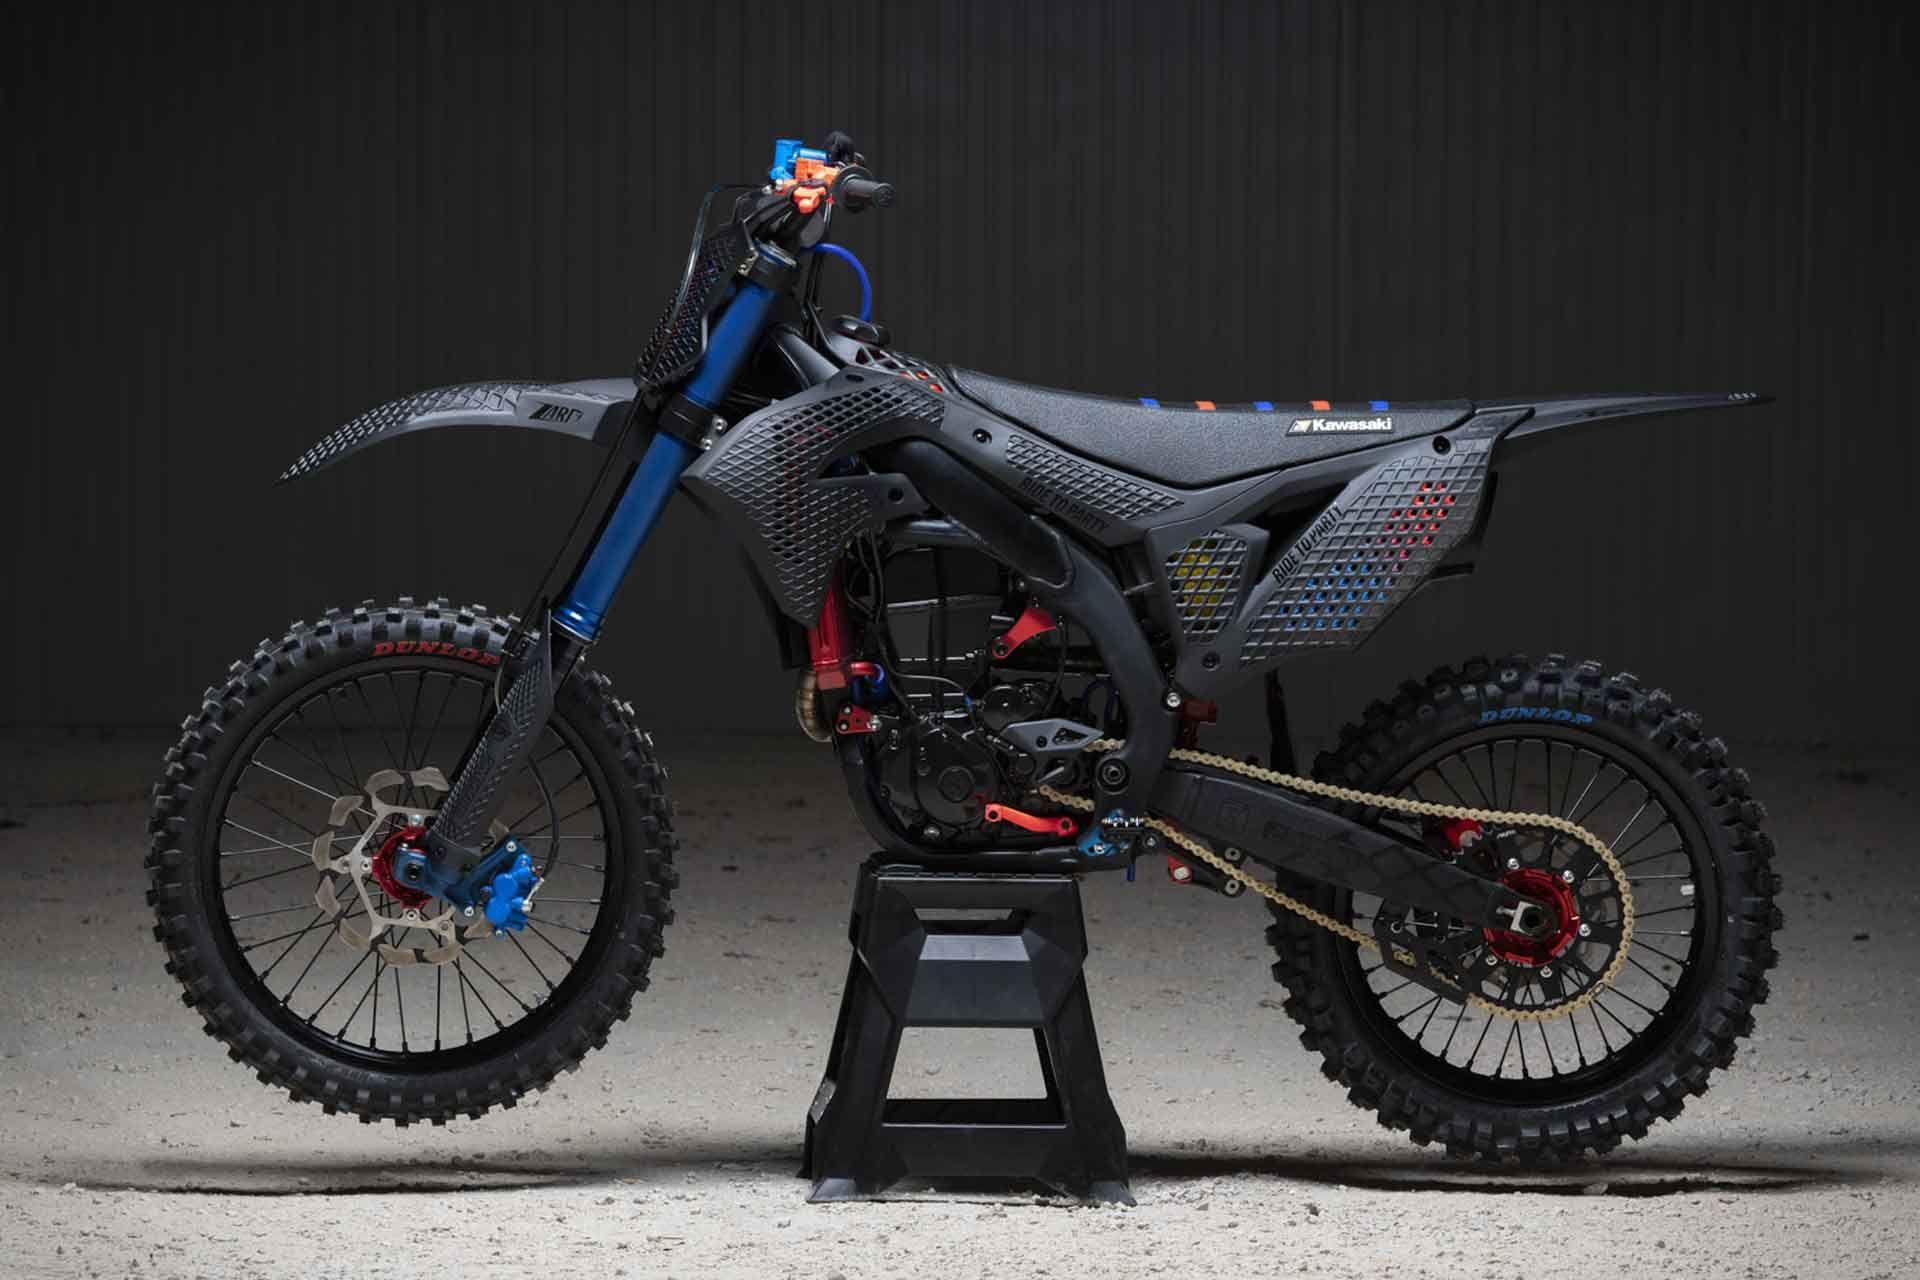 2019 Kawasaki Kx 450 3d Core Dirt Bike Motorcross Bike